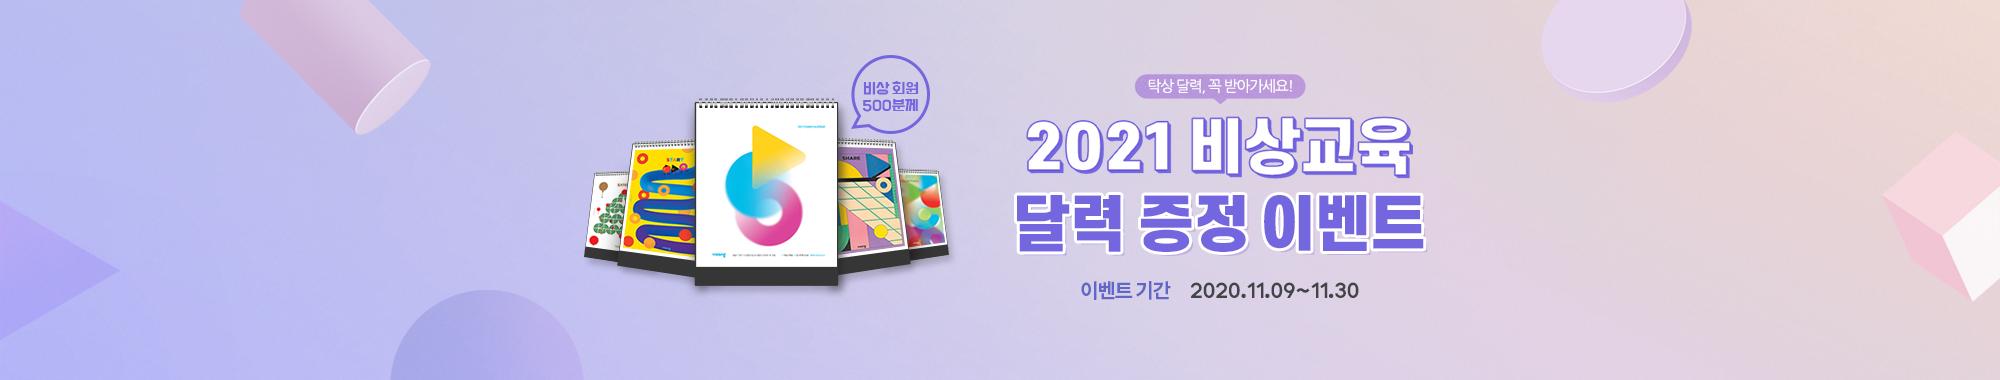 2021 비상 탁상달력 증정 이벤트